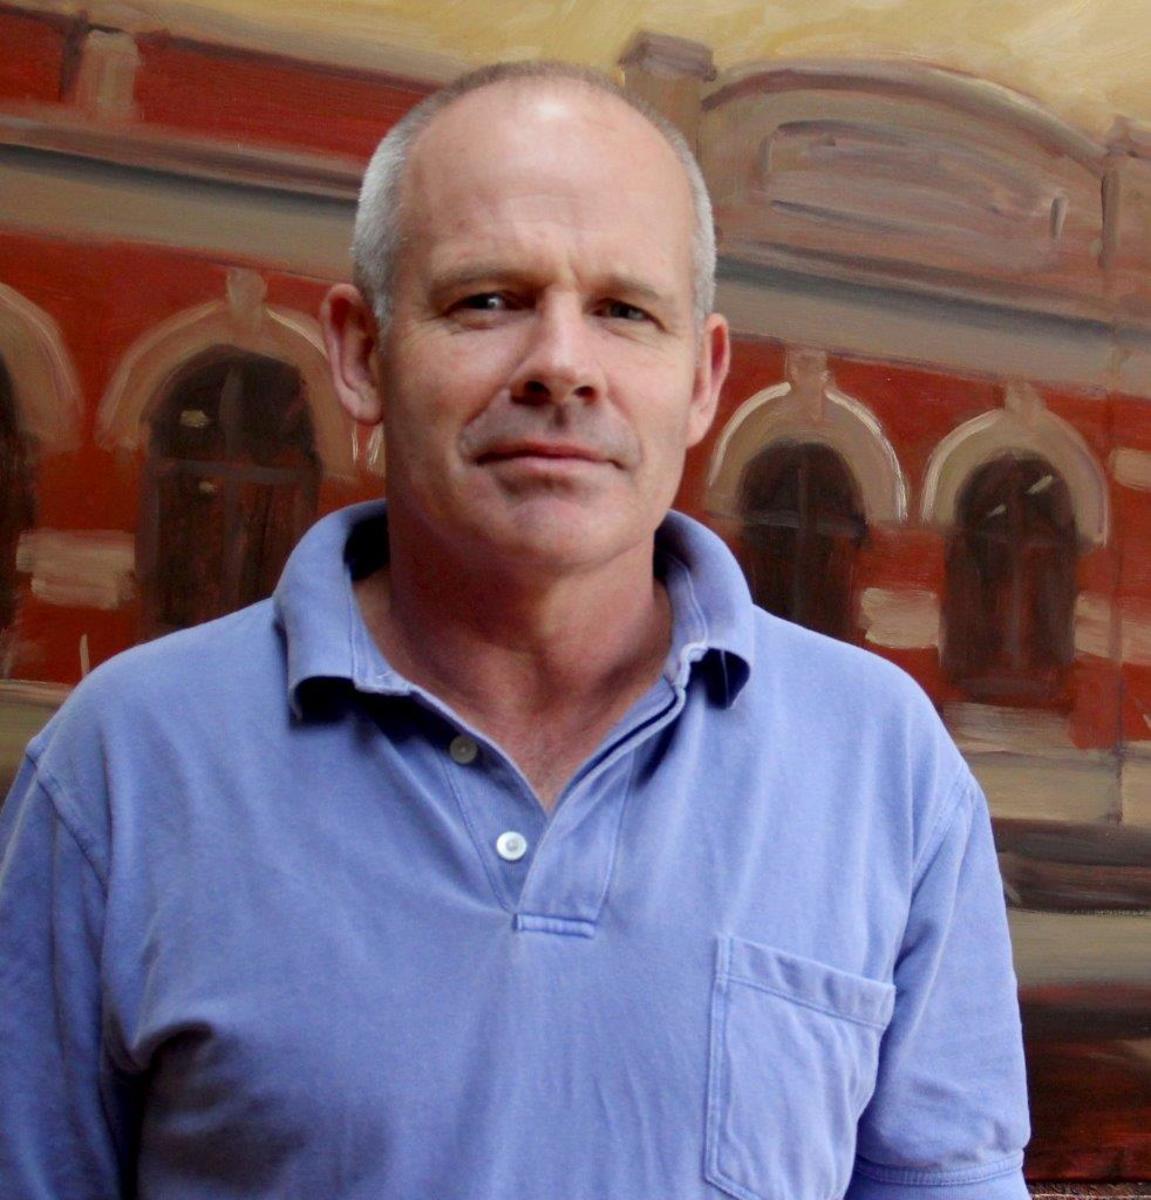 Philip Beadle